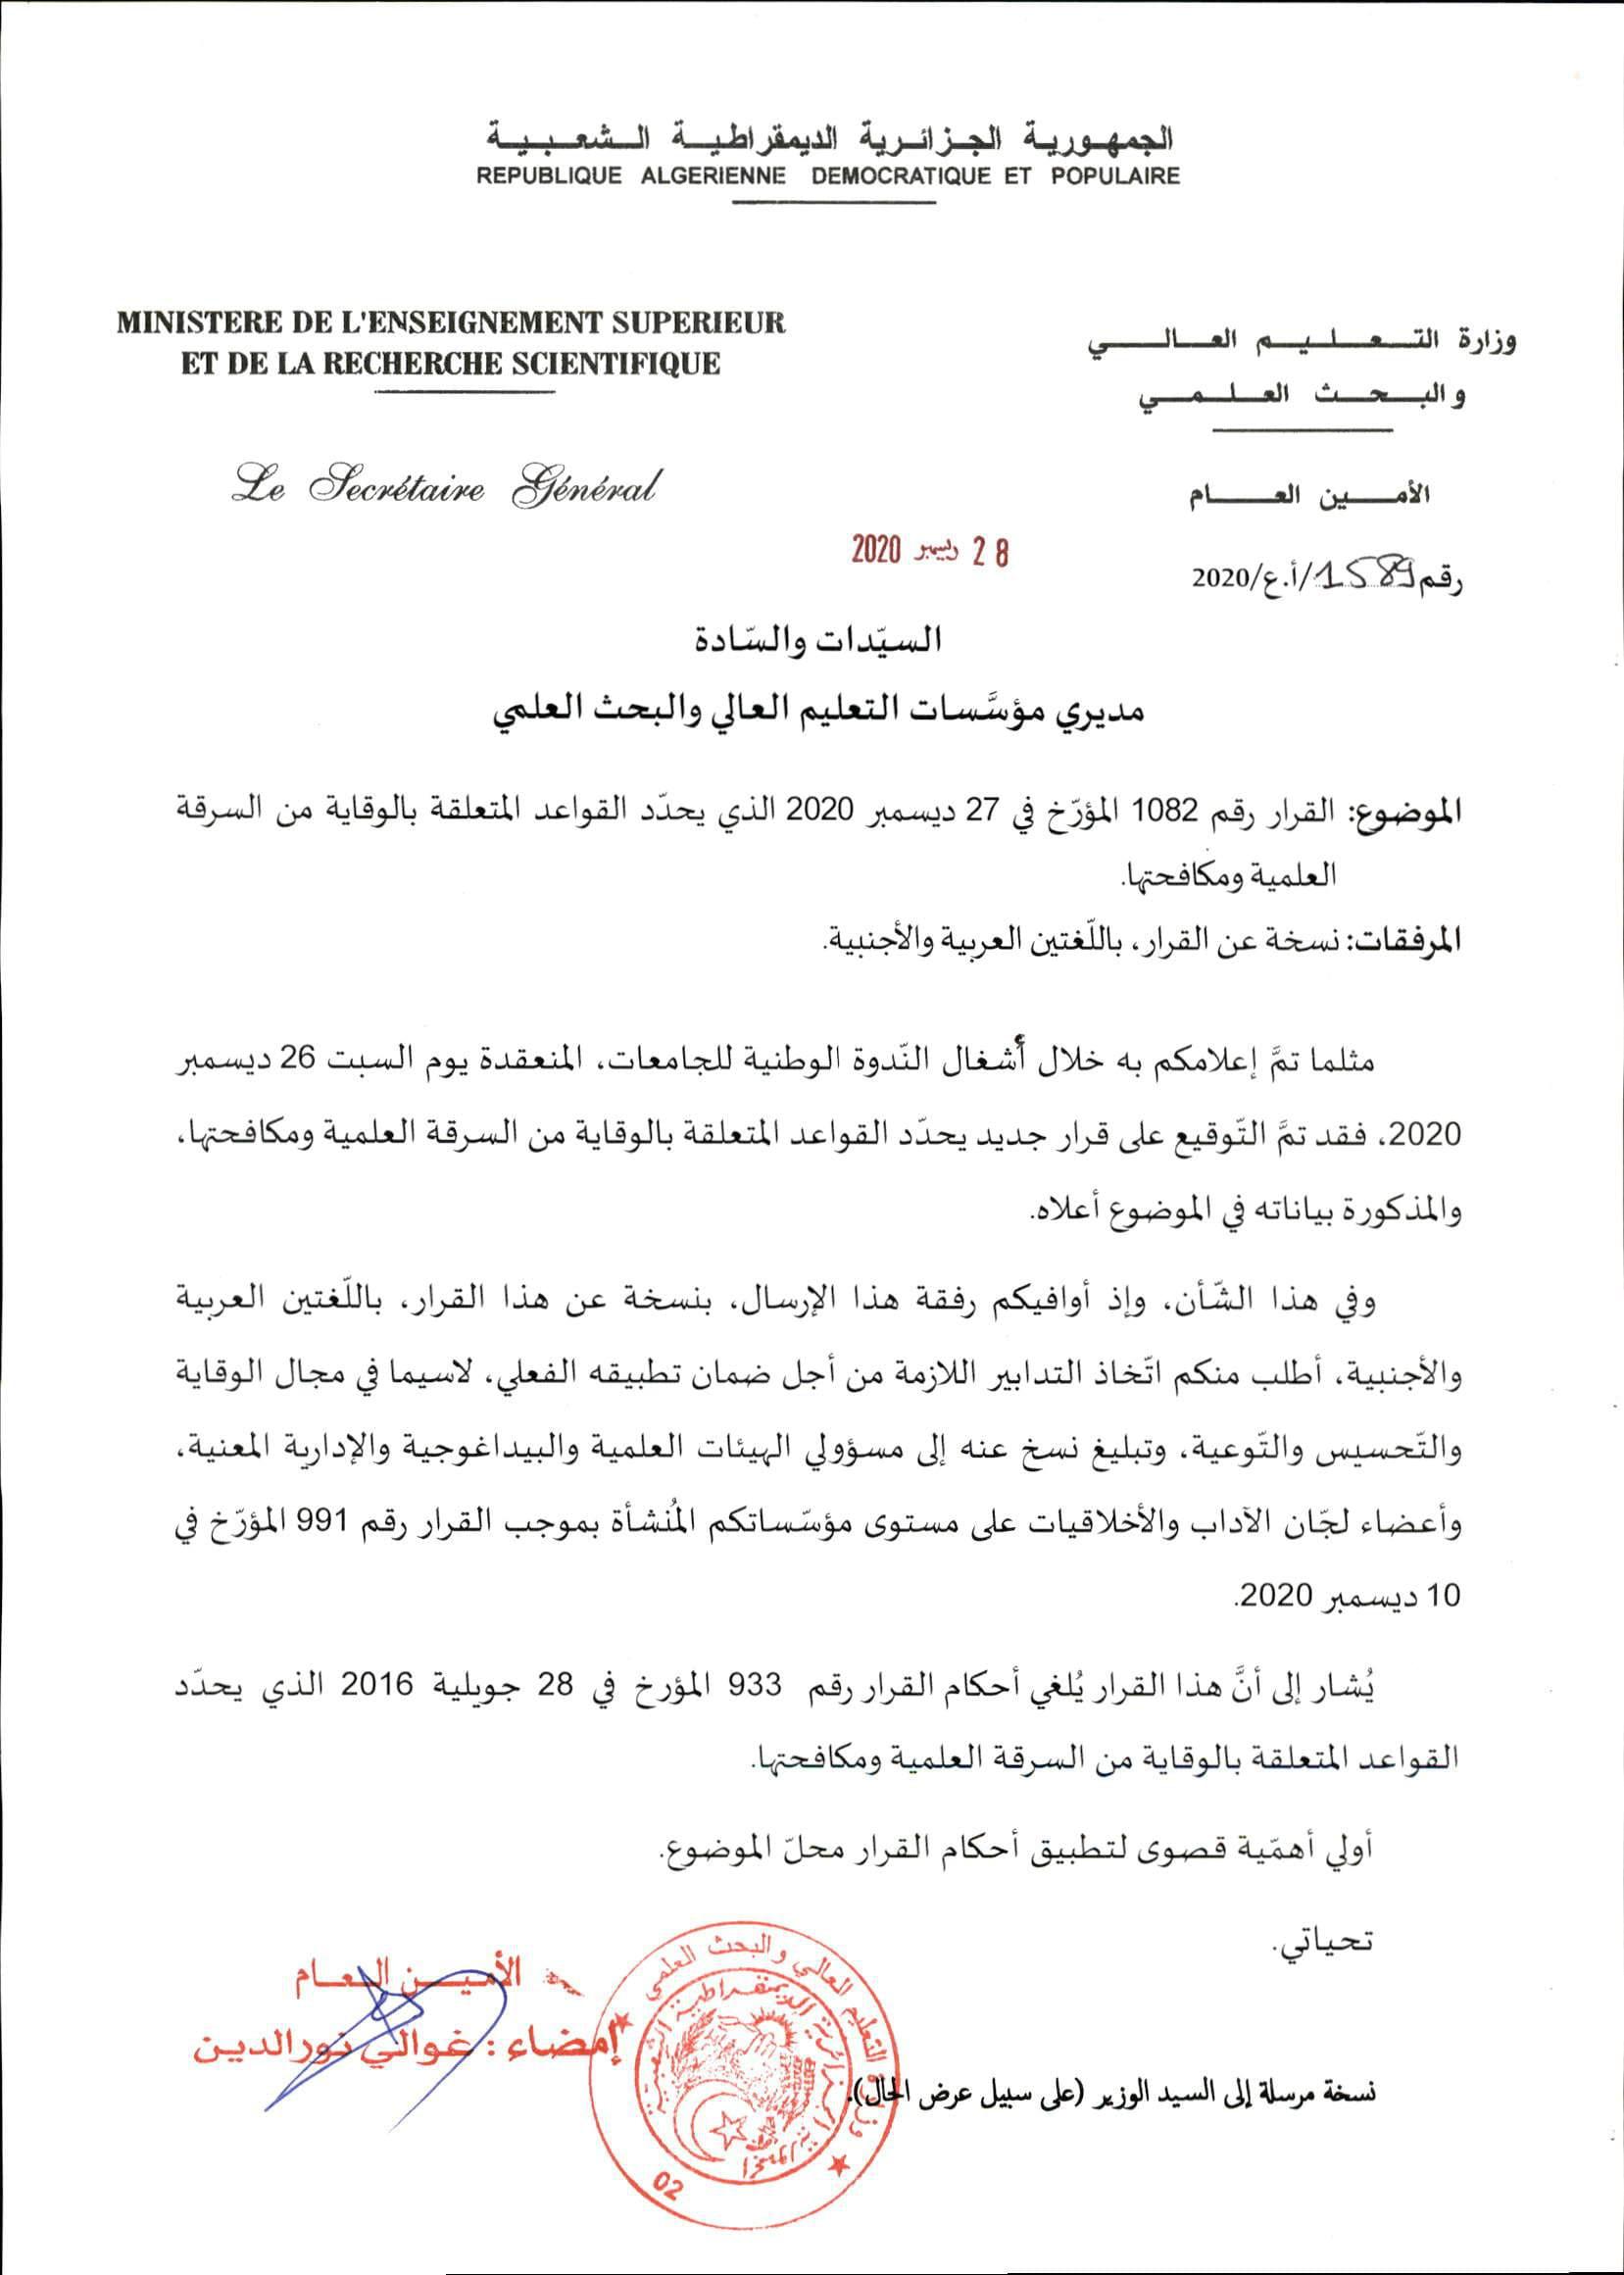 L'arrêté N°1082 du 27 décembre 2020 fixant les règles relatives à la prévention et la lutte contre le plagiat.